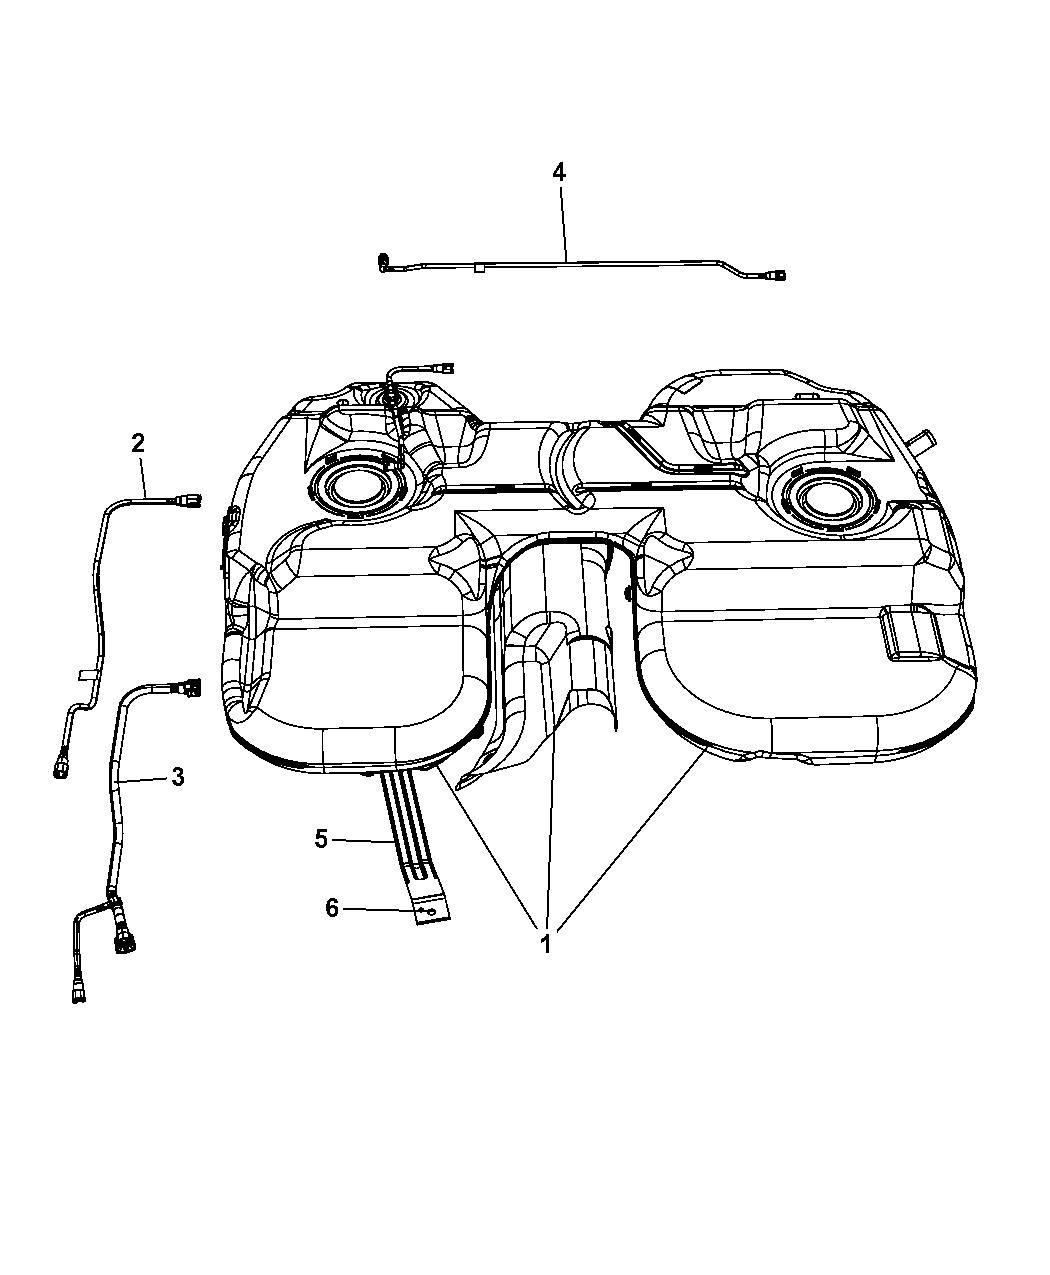 2007 Chrysler Pacifica Fuel Tank - Mopar Parts Giant